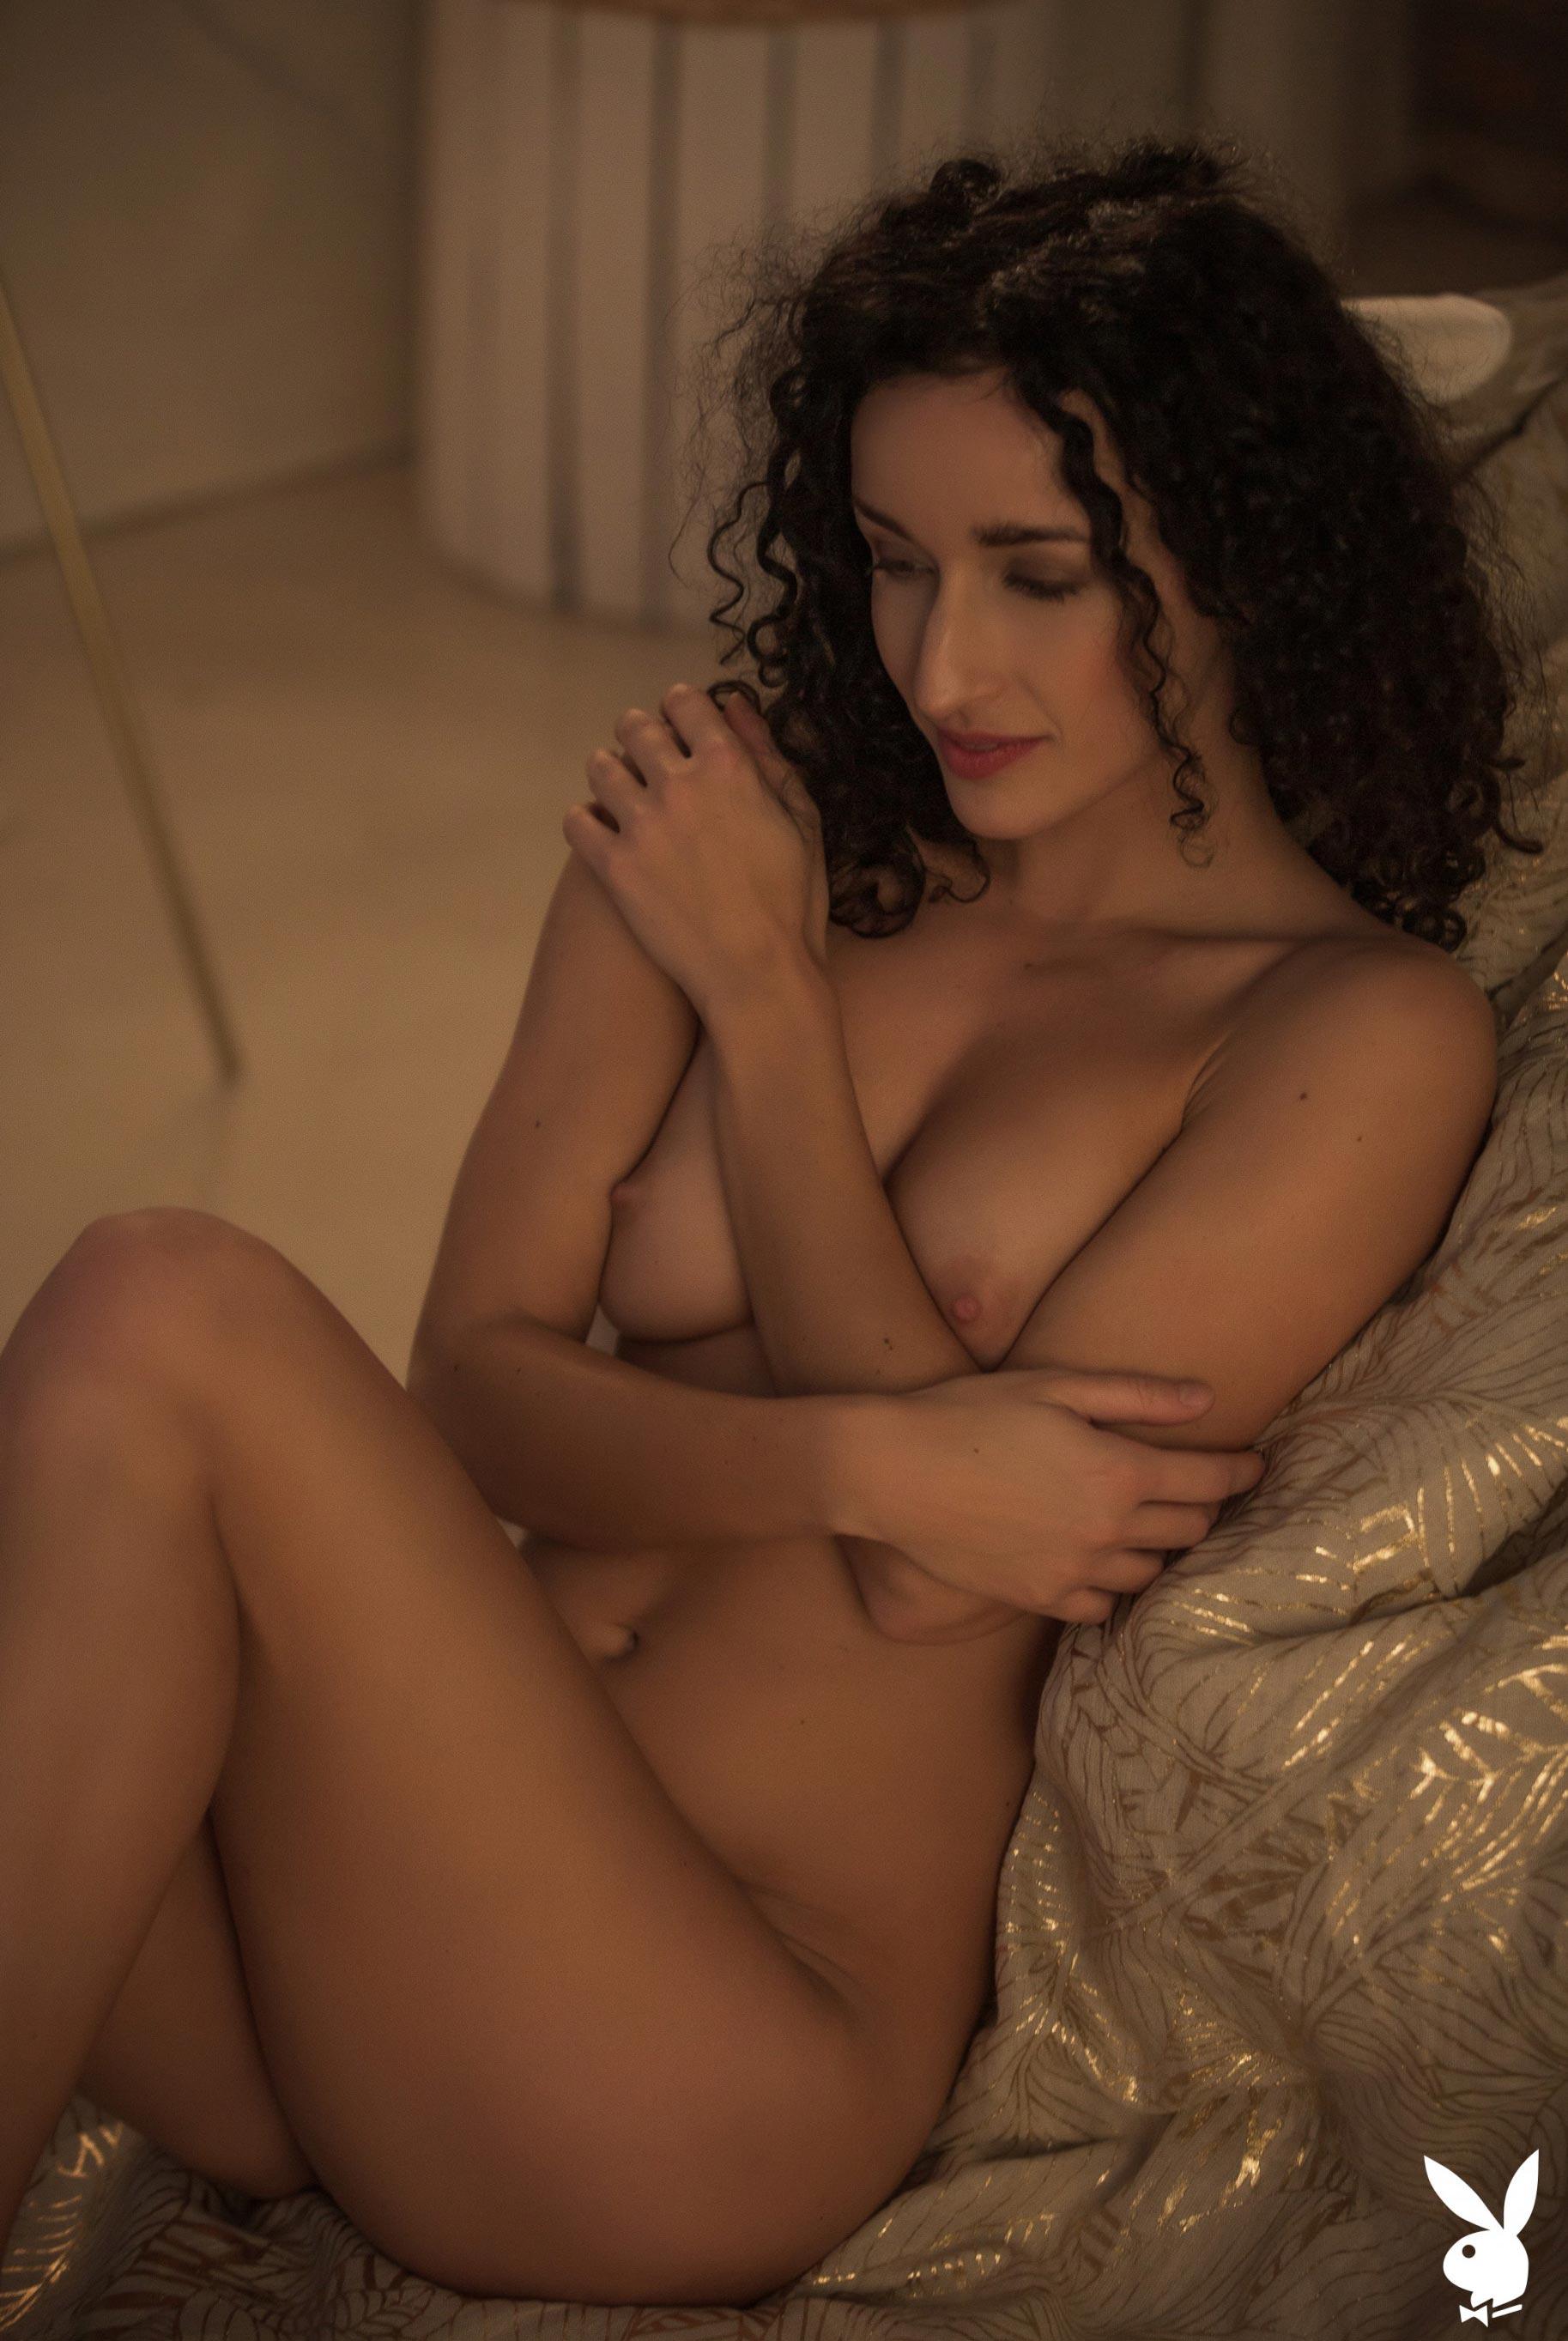 сексуальная венгерская модель Люси в спокойной домашней обстановке / фото 16